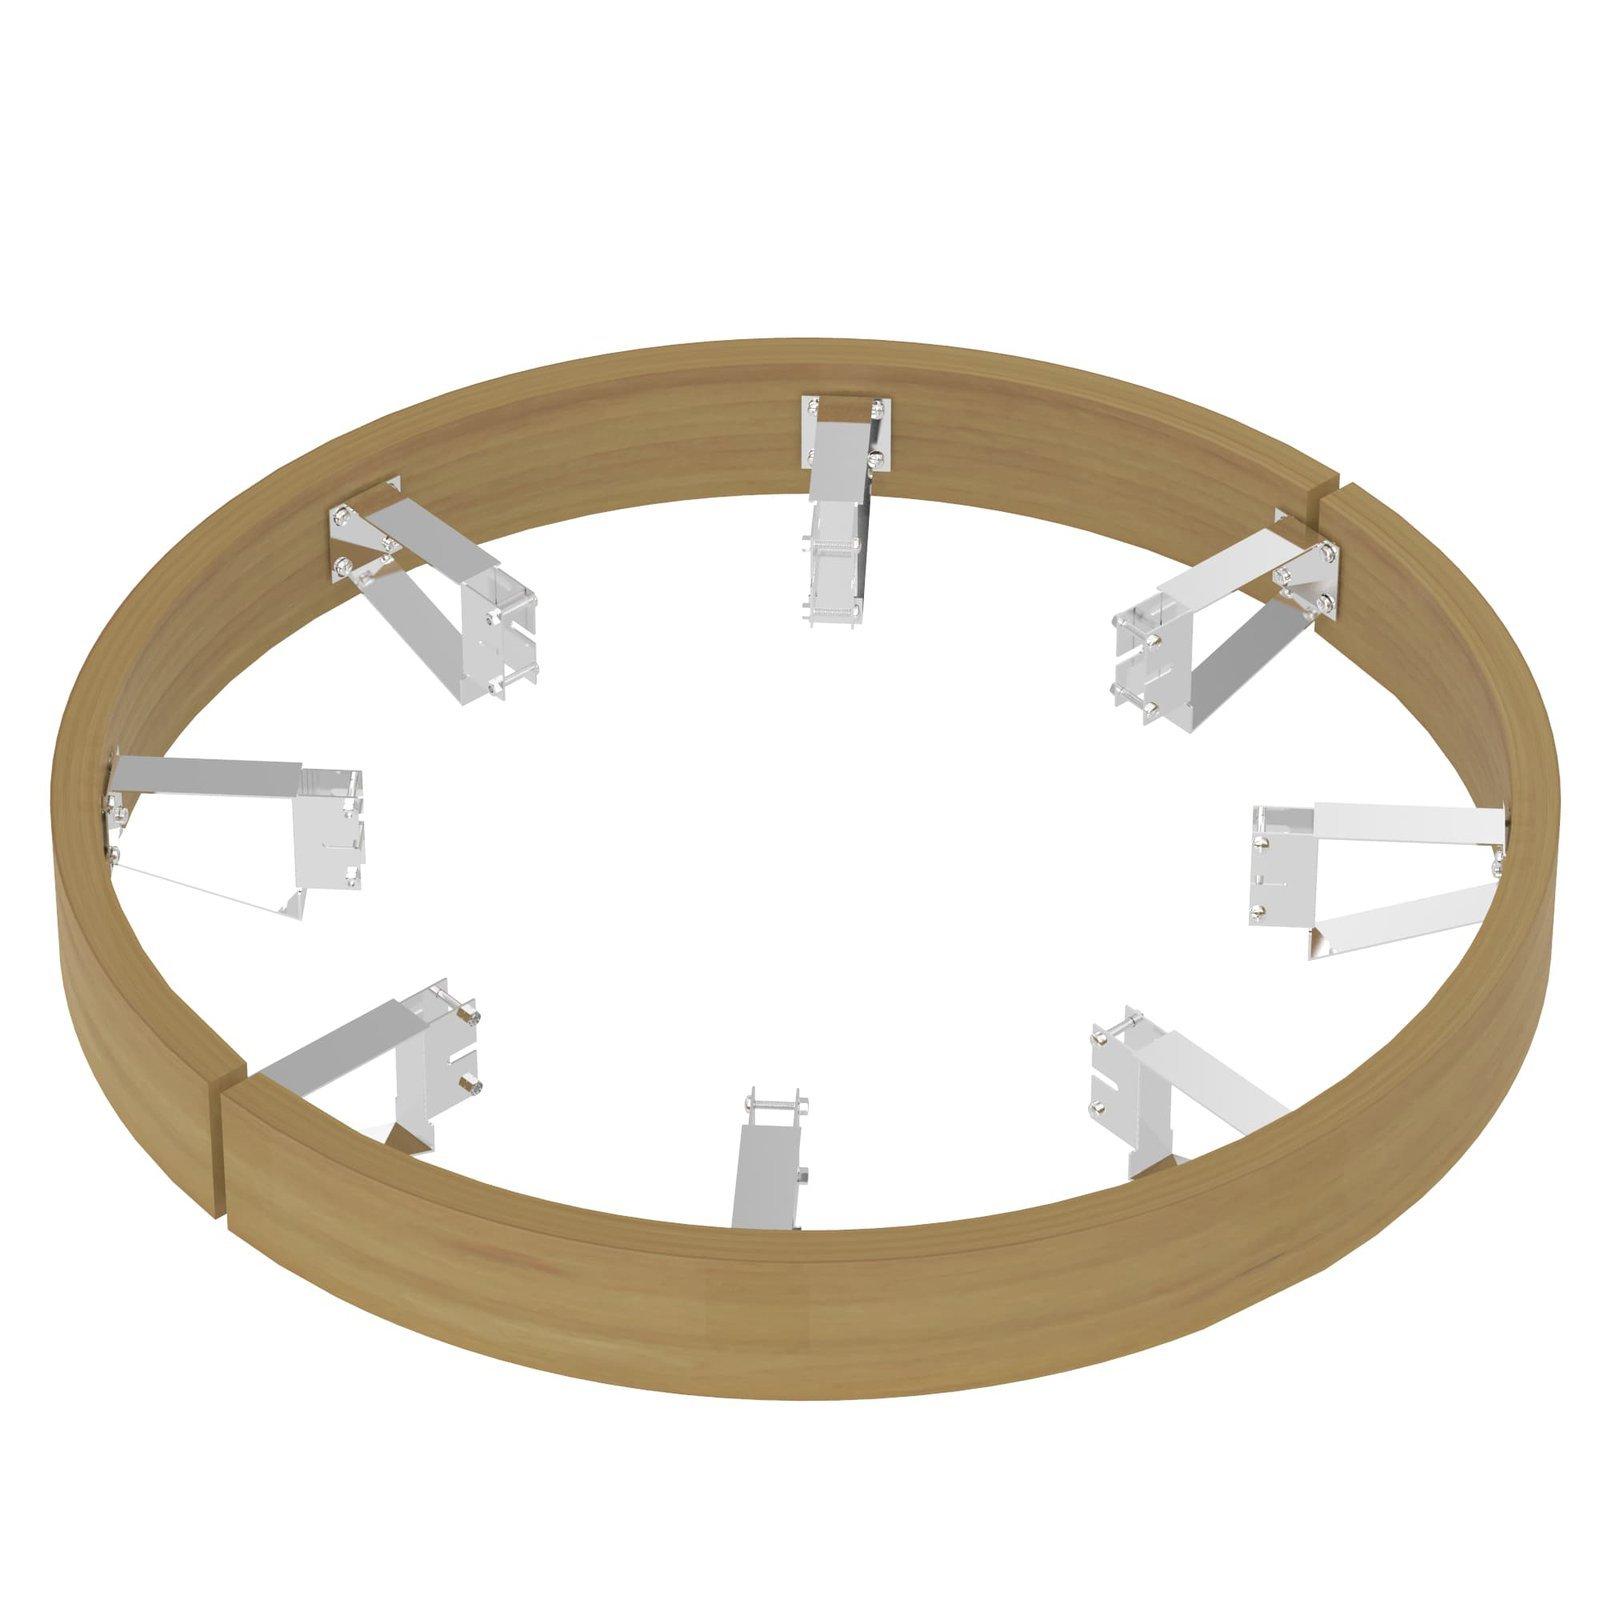 Ограждения и коврики: Деревянное ограждение SAWO TH-GUARD-W12-D (для печи TOWER TH12)